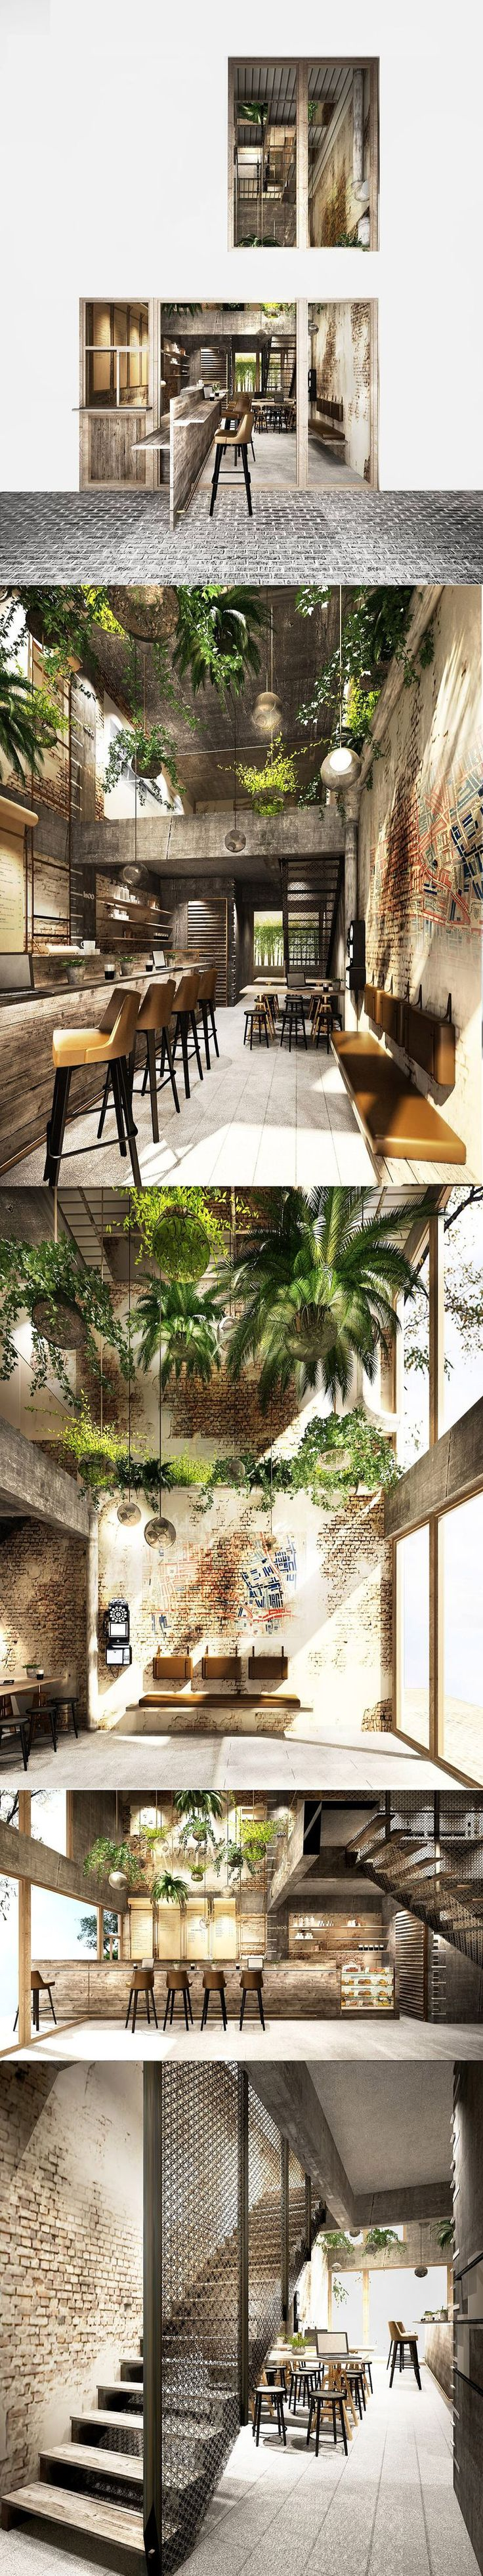 Végétaux aux plafonds + montures et ampoules vintage